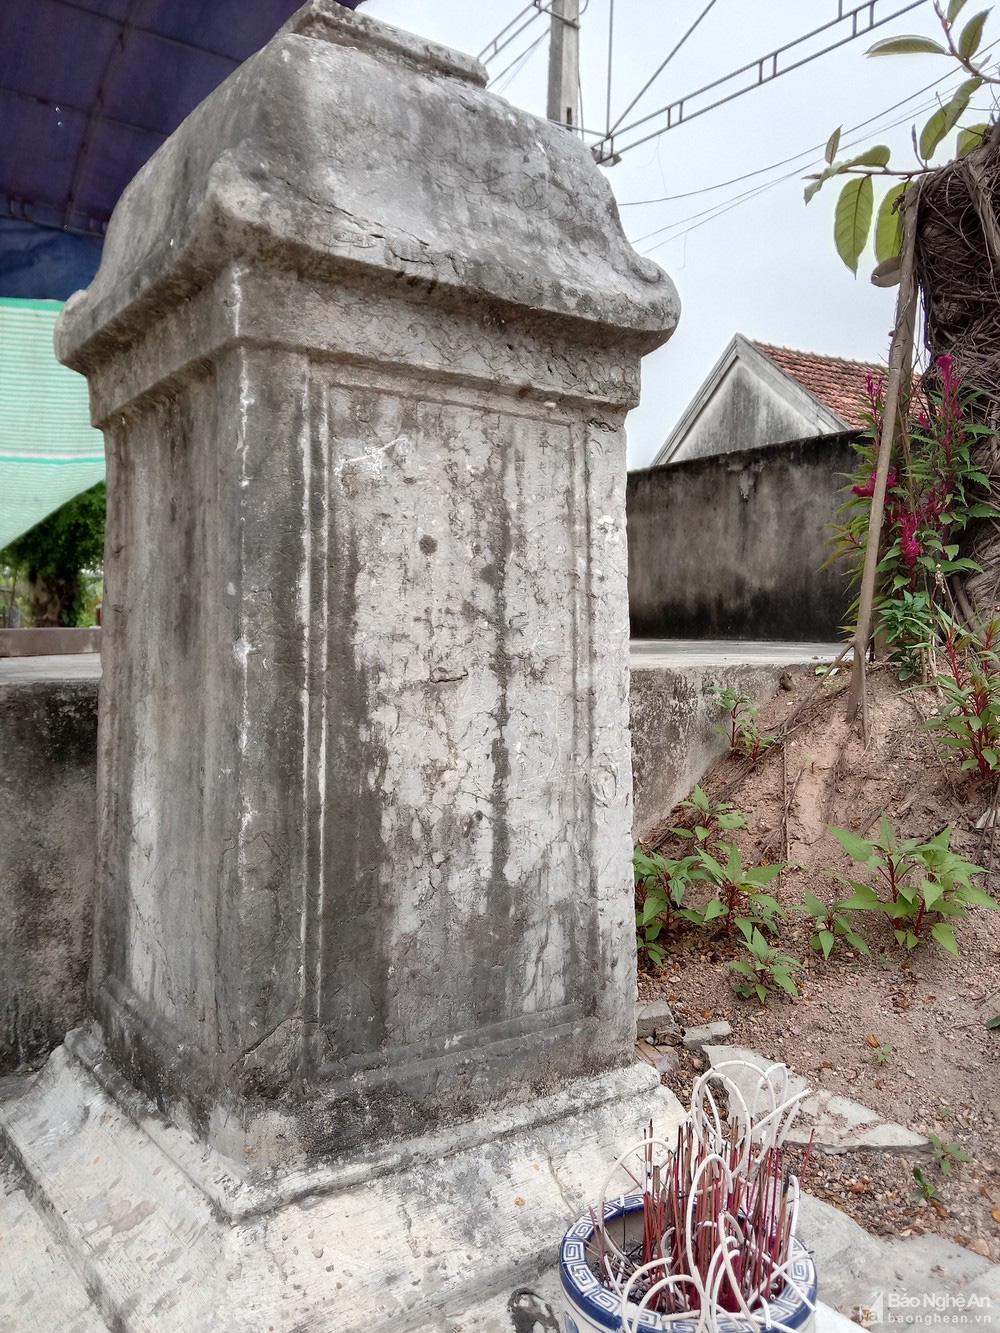 Chuyện lạ kỳ ở Nghệ An: Một nhà thờ thờ chung 2 dòng họ? - Ảnh 4.